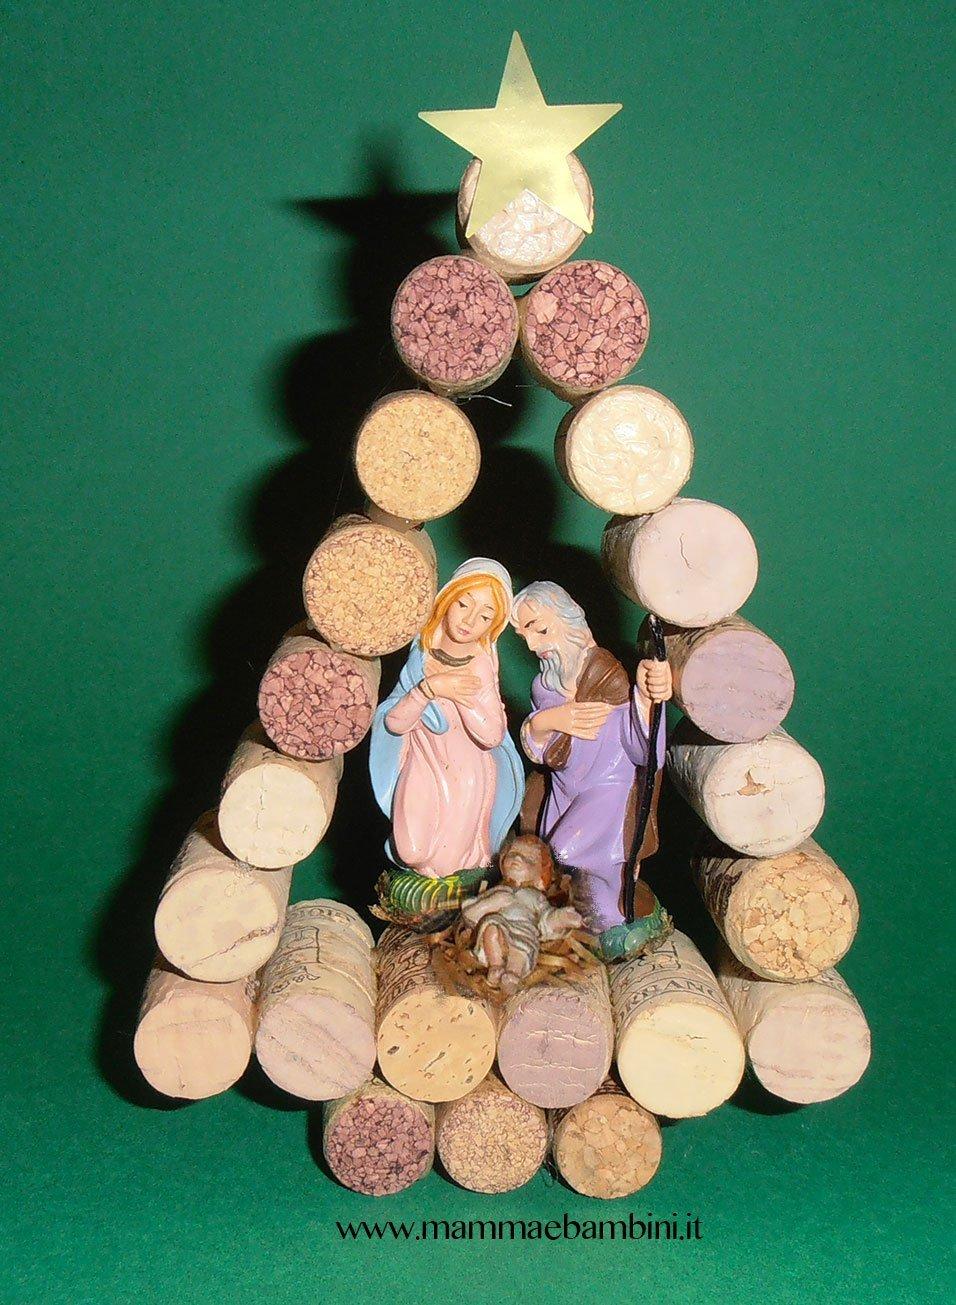 Eccezionale Idee per lavoretti di Natale facili - Mamma e Bambini FV77